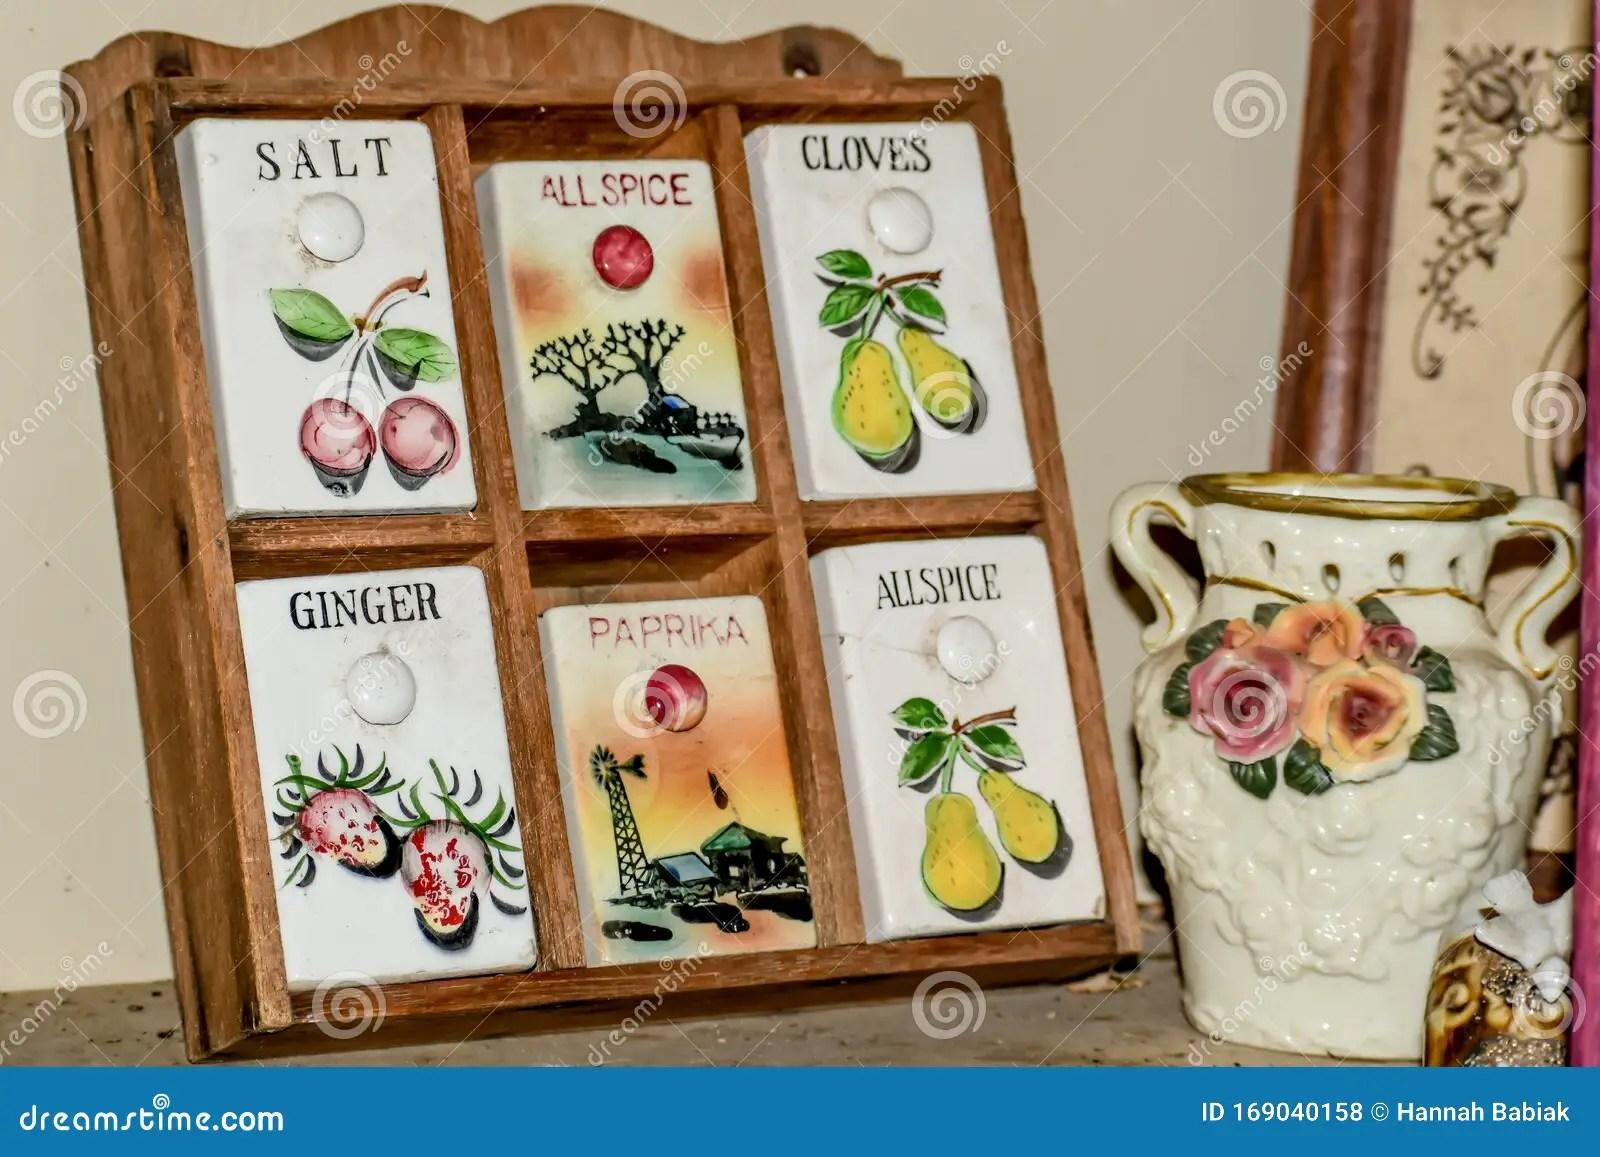 https www dreamstime com vintage spice rack floral vase wooden ceramic doors salt allspice cloves ginger paprika image169040158